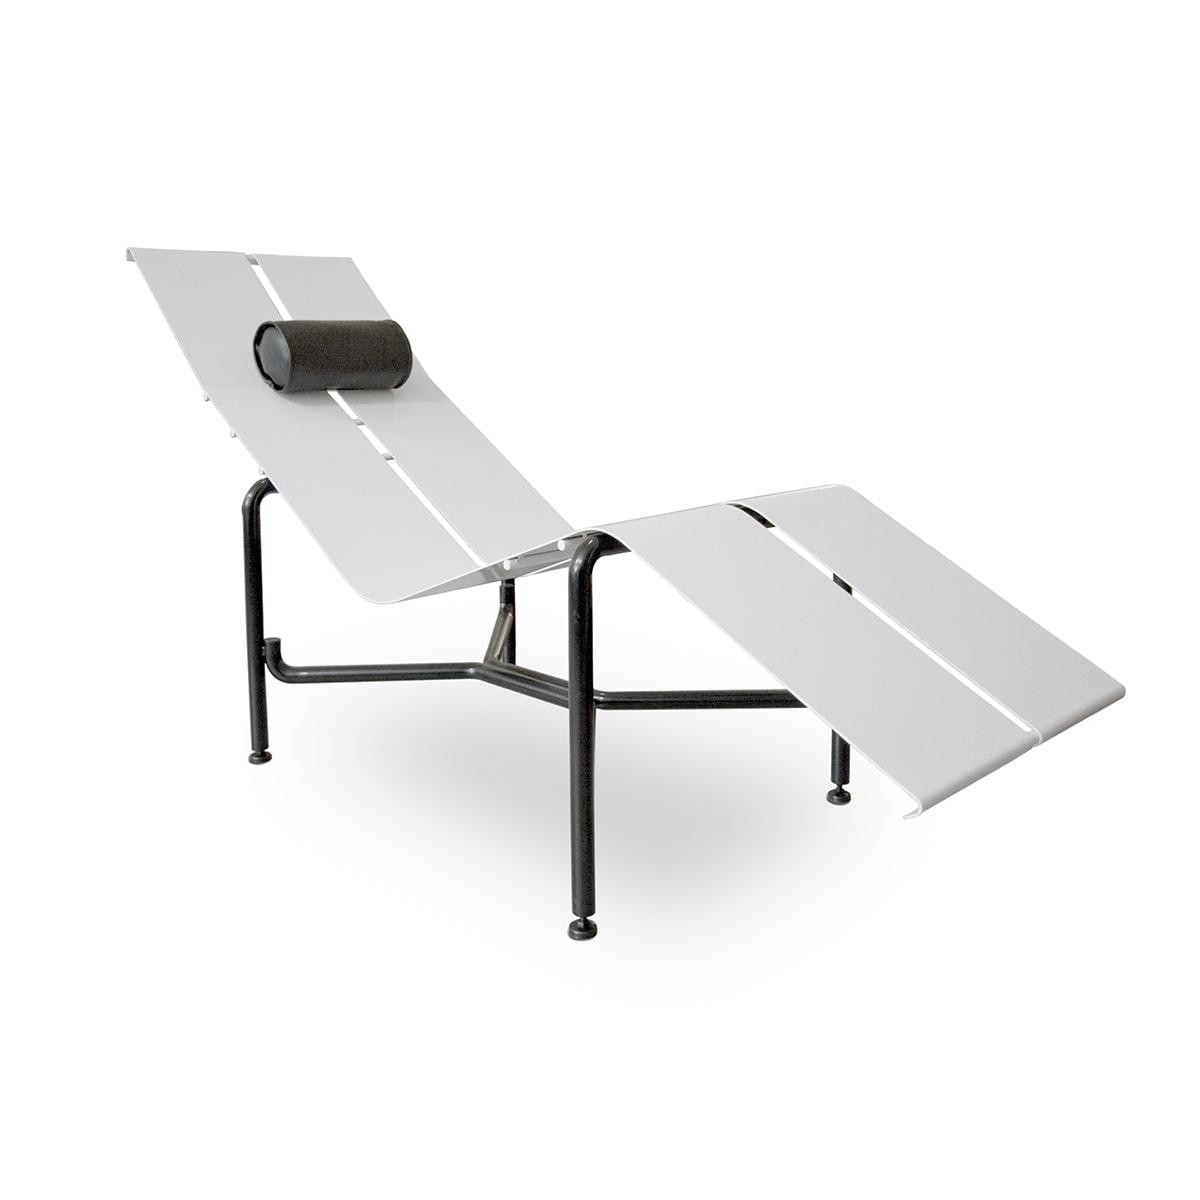 Longue Futon • Company Chaise ® T1KJc3Fl